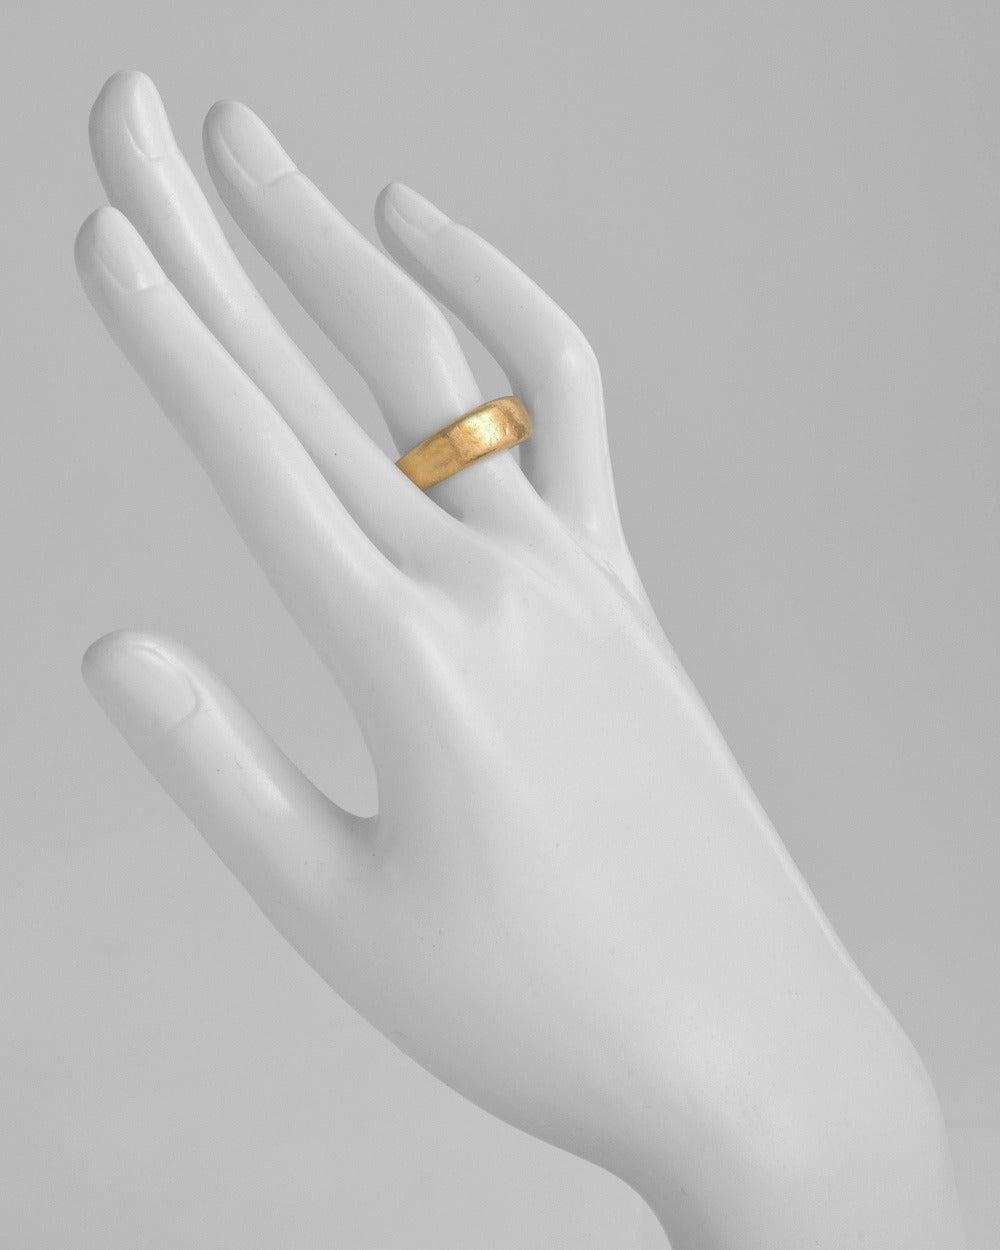 Yossi Harari Hammered Gold Band Ring 2